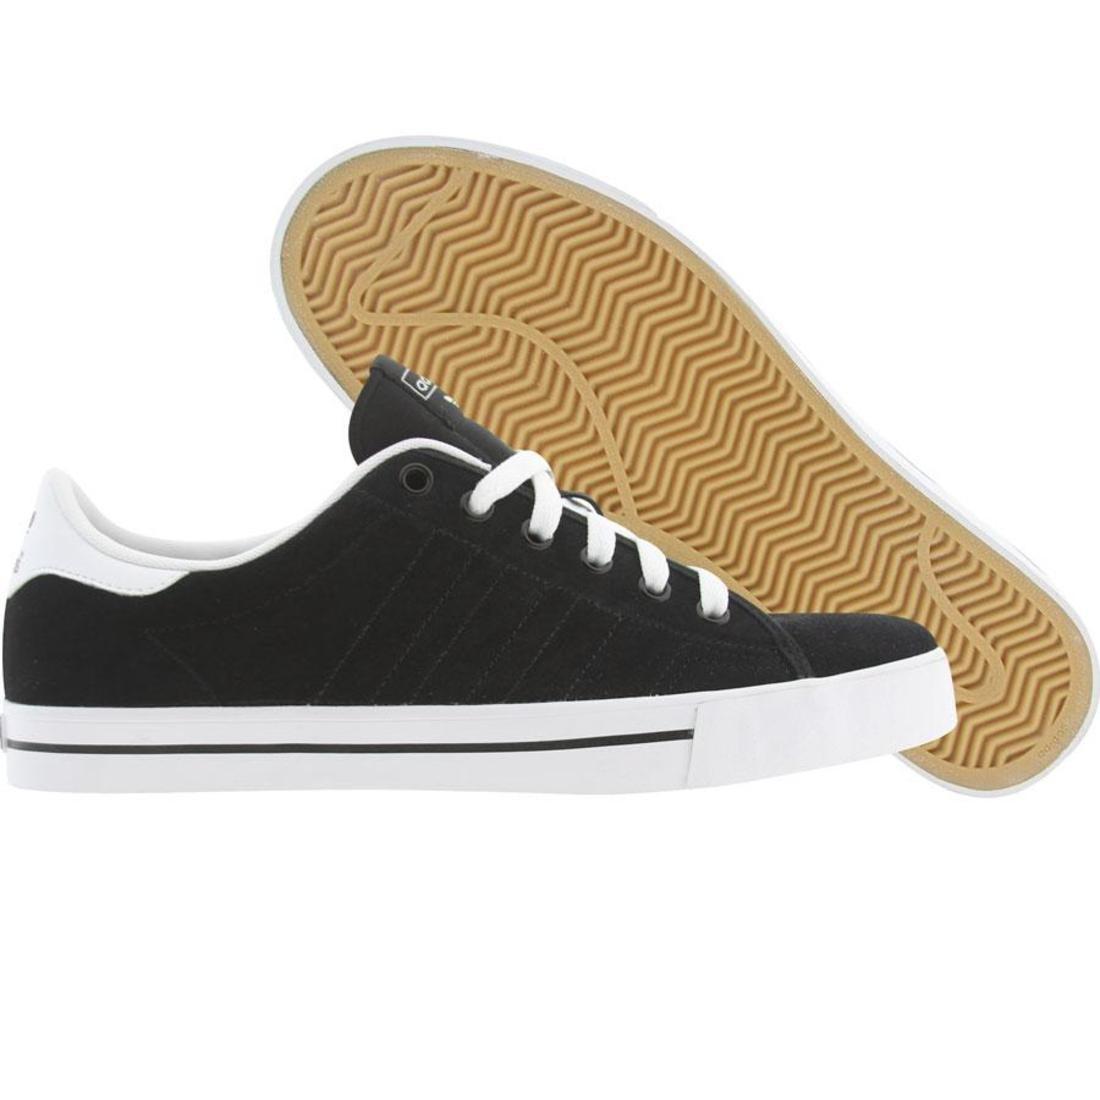 【海外限定】アディダス スケート メンズ靴 靴 【 ADIDAS SKATE ADICOURT AS BLACK RUNNINWHITE 】